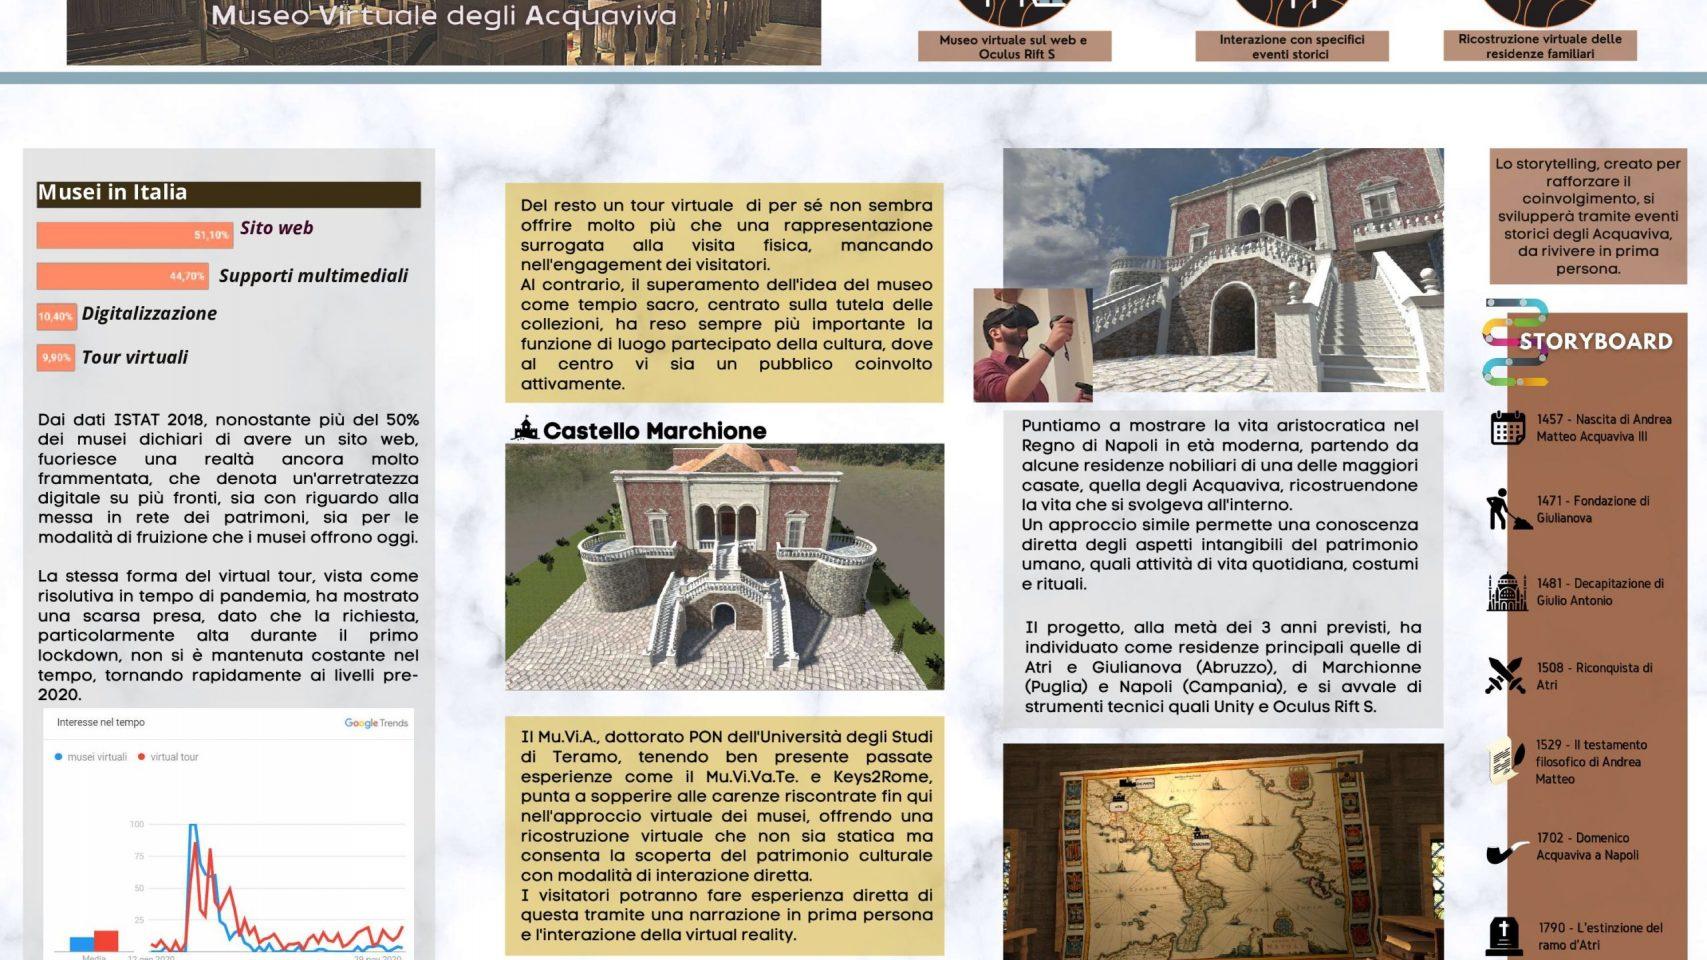 Carmine Christian Ruocco - Musei Virtuali oggi: il caso del costituendo Mu.Vi.A.